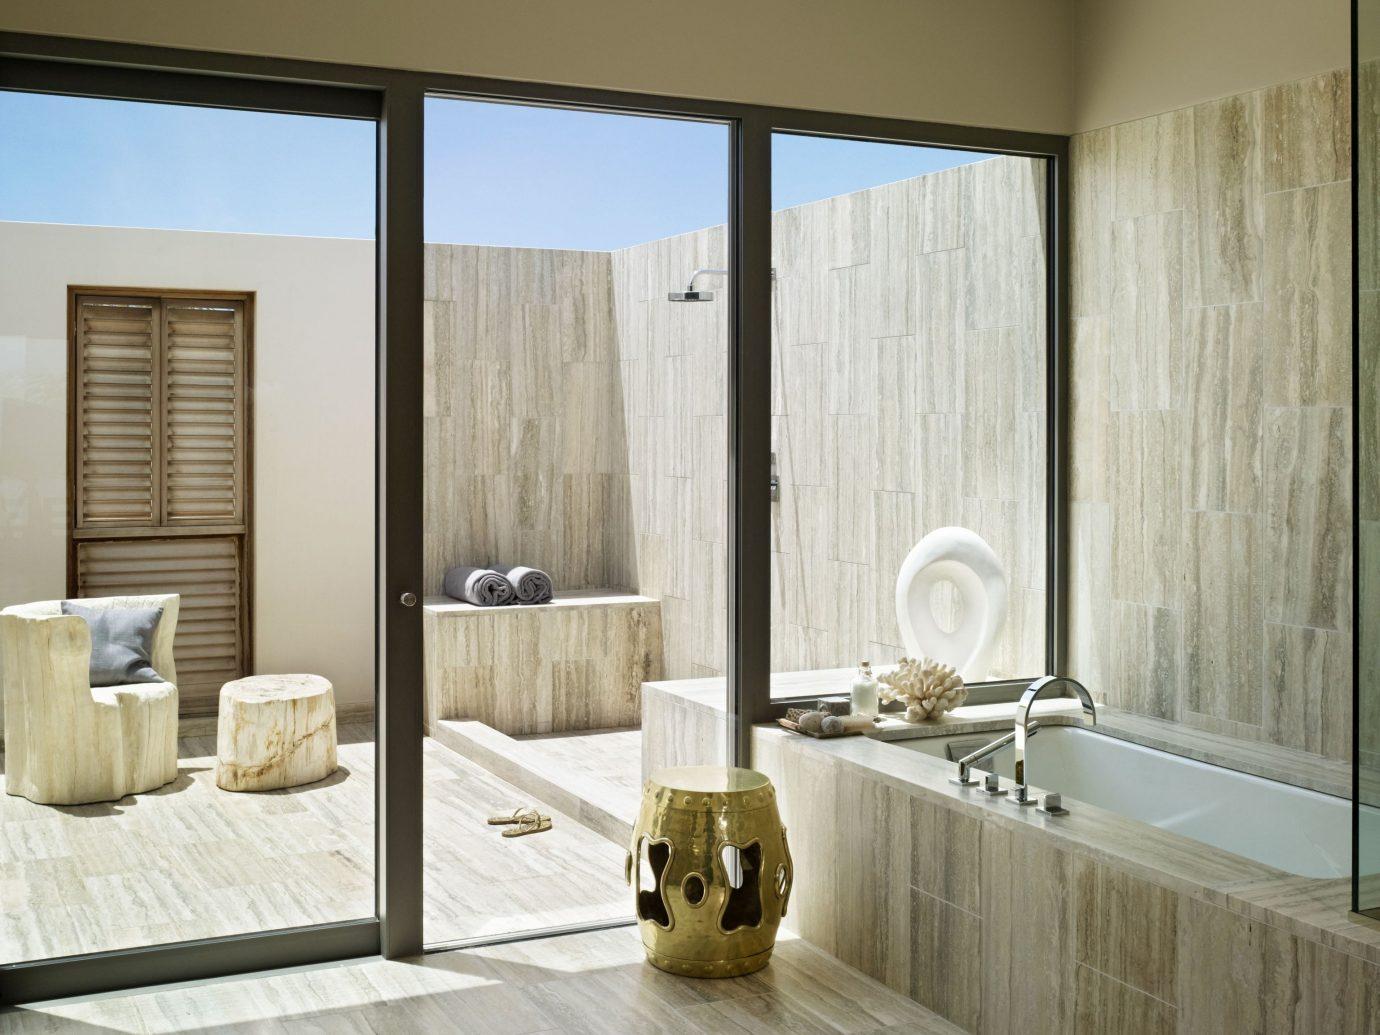 Hotels wall indoor room window property bathroom floor interior design plumbing fixture Design flooring bathtub cabinetry wood Bath